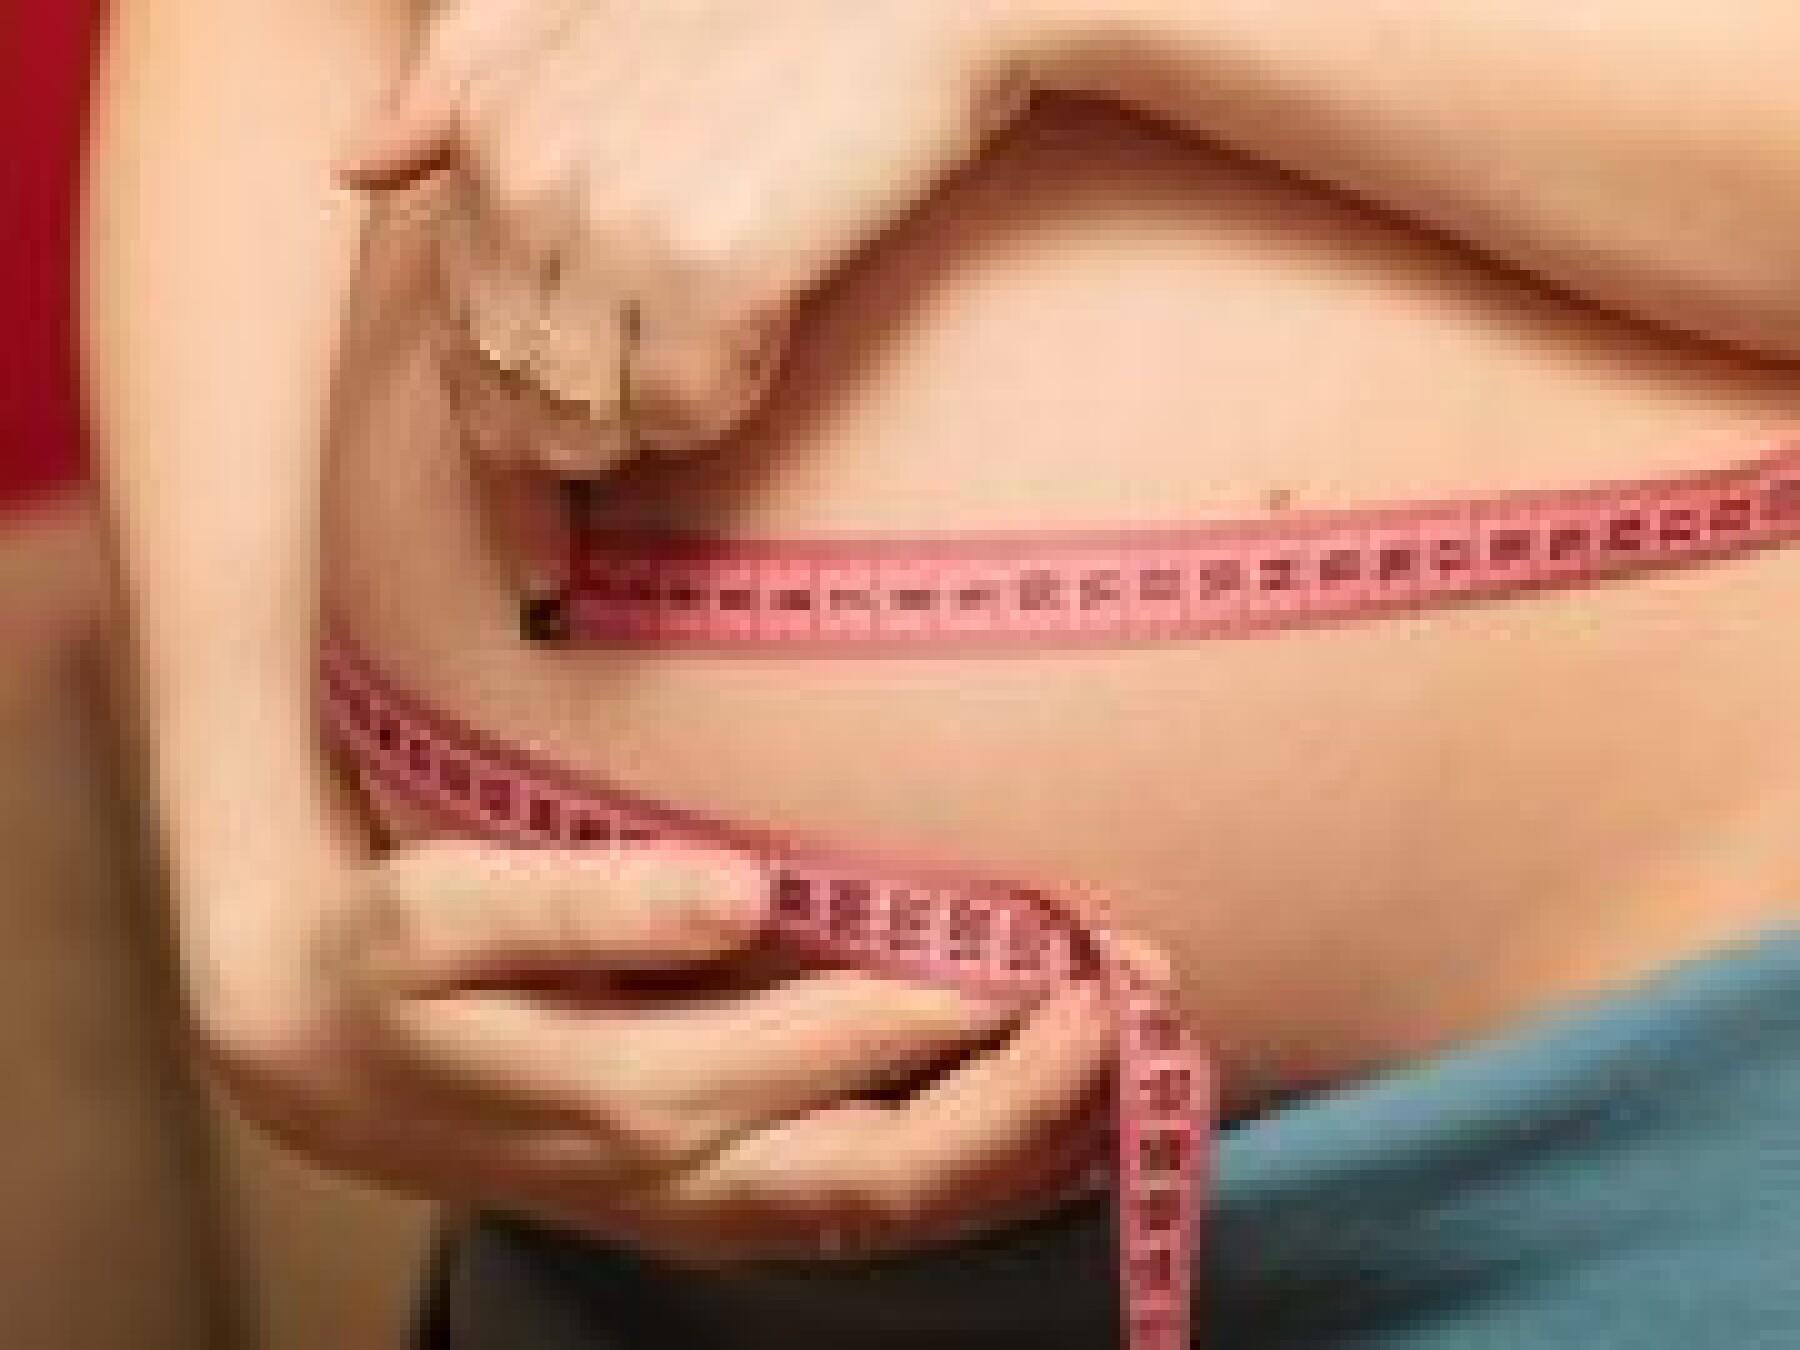 conseils poids enceinte